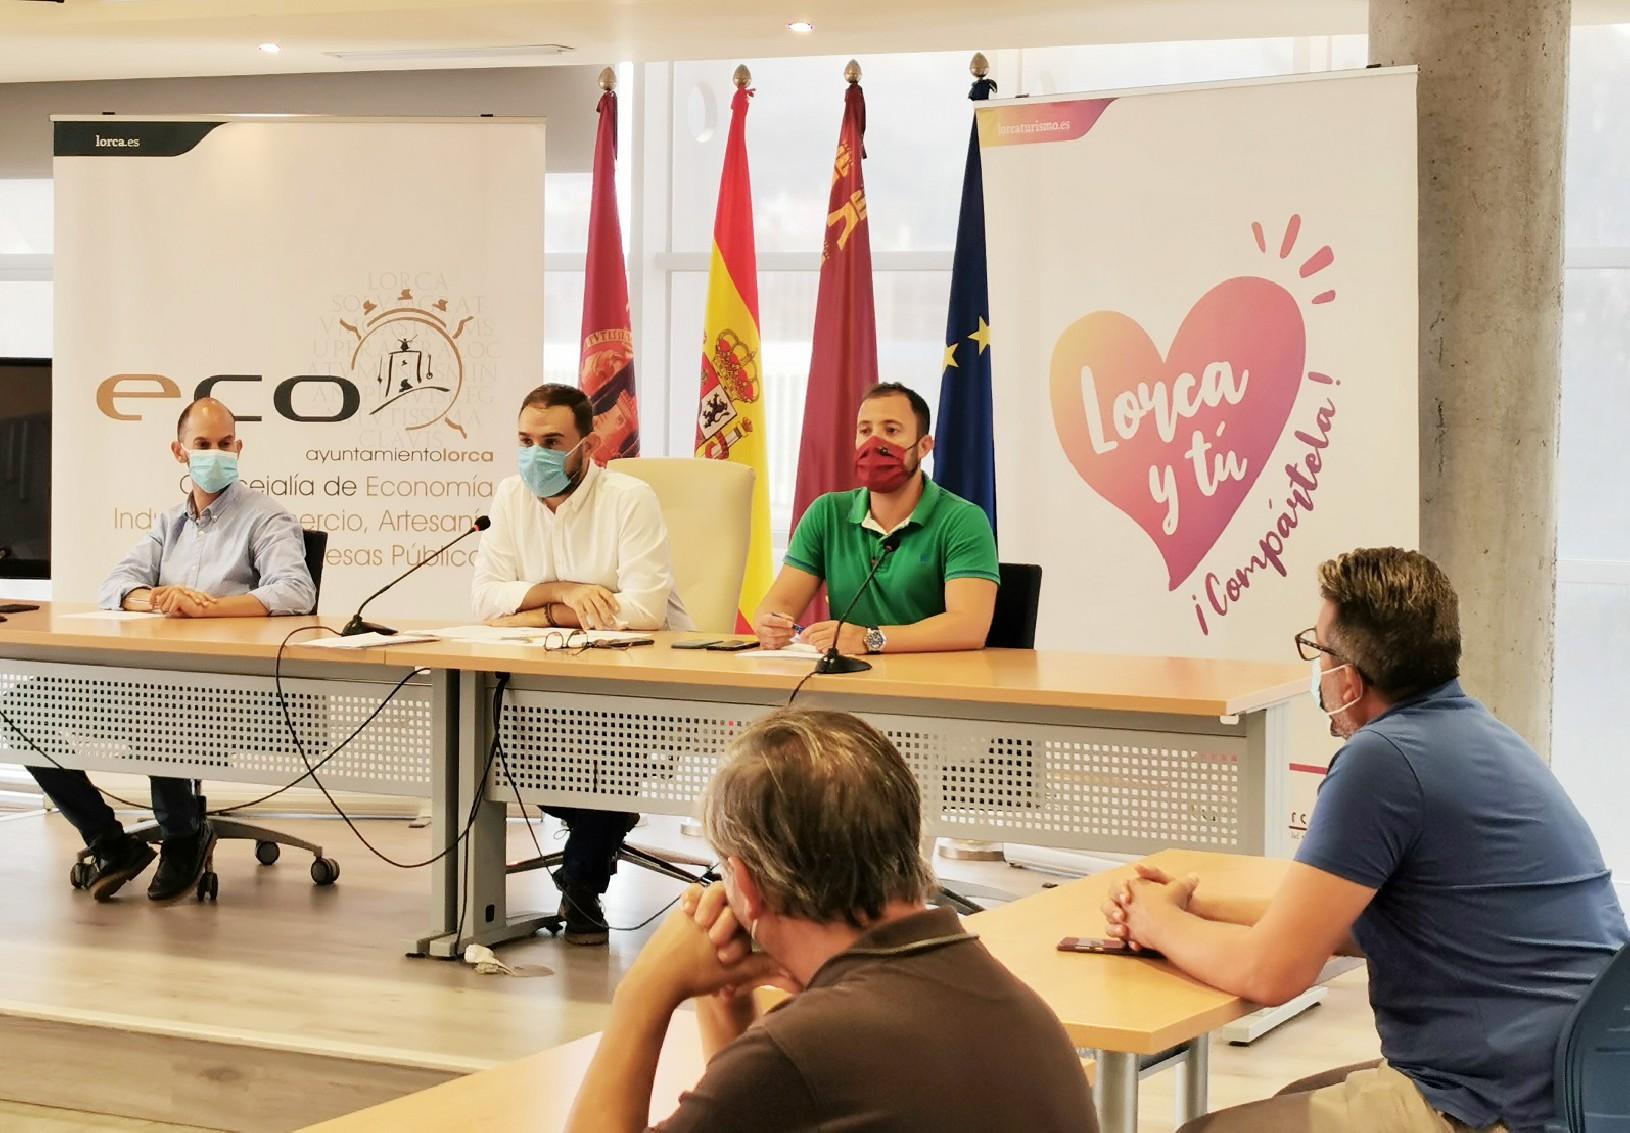 El Ayuntamiento reúne a los agentes económicos para detallarles las medidas adoptadas y consensuar propuestas